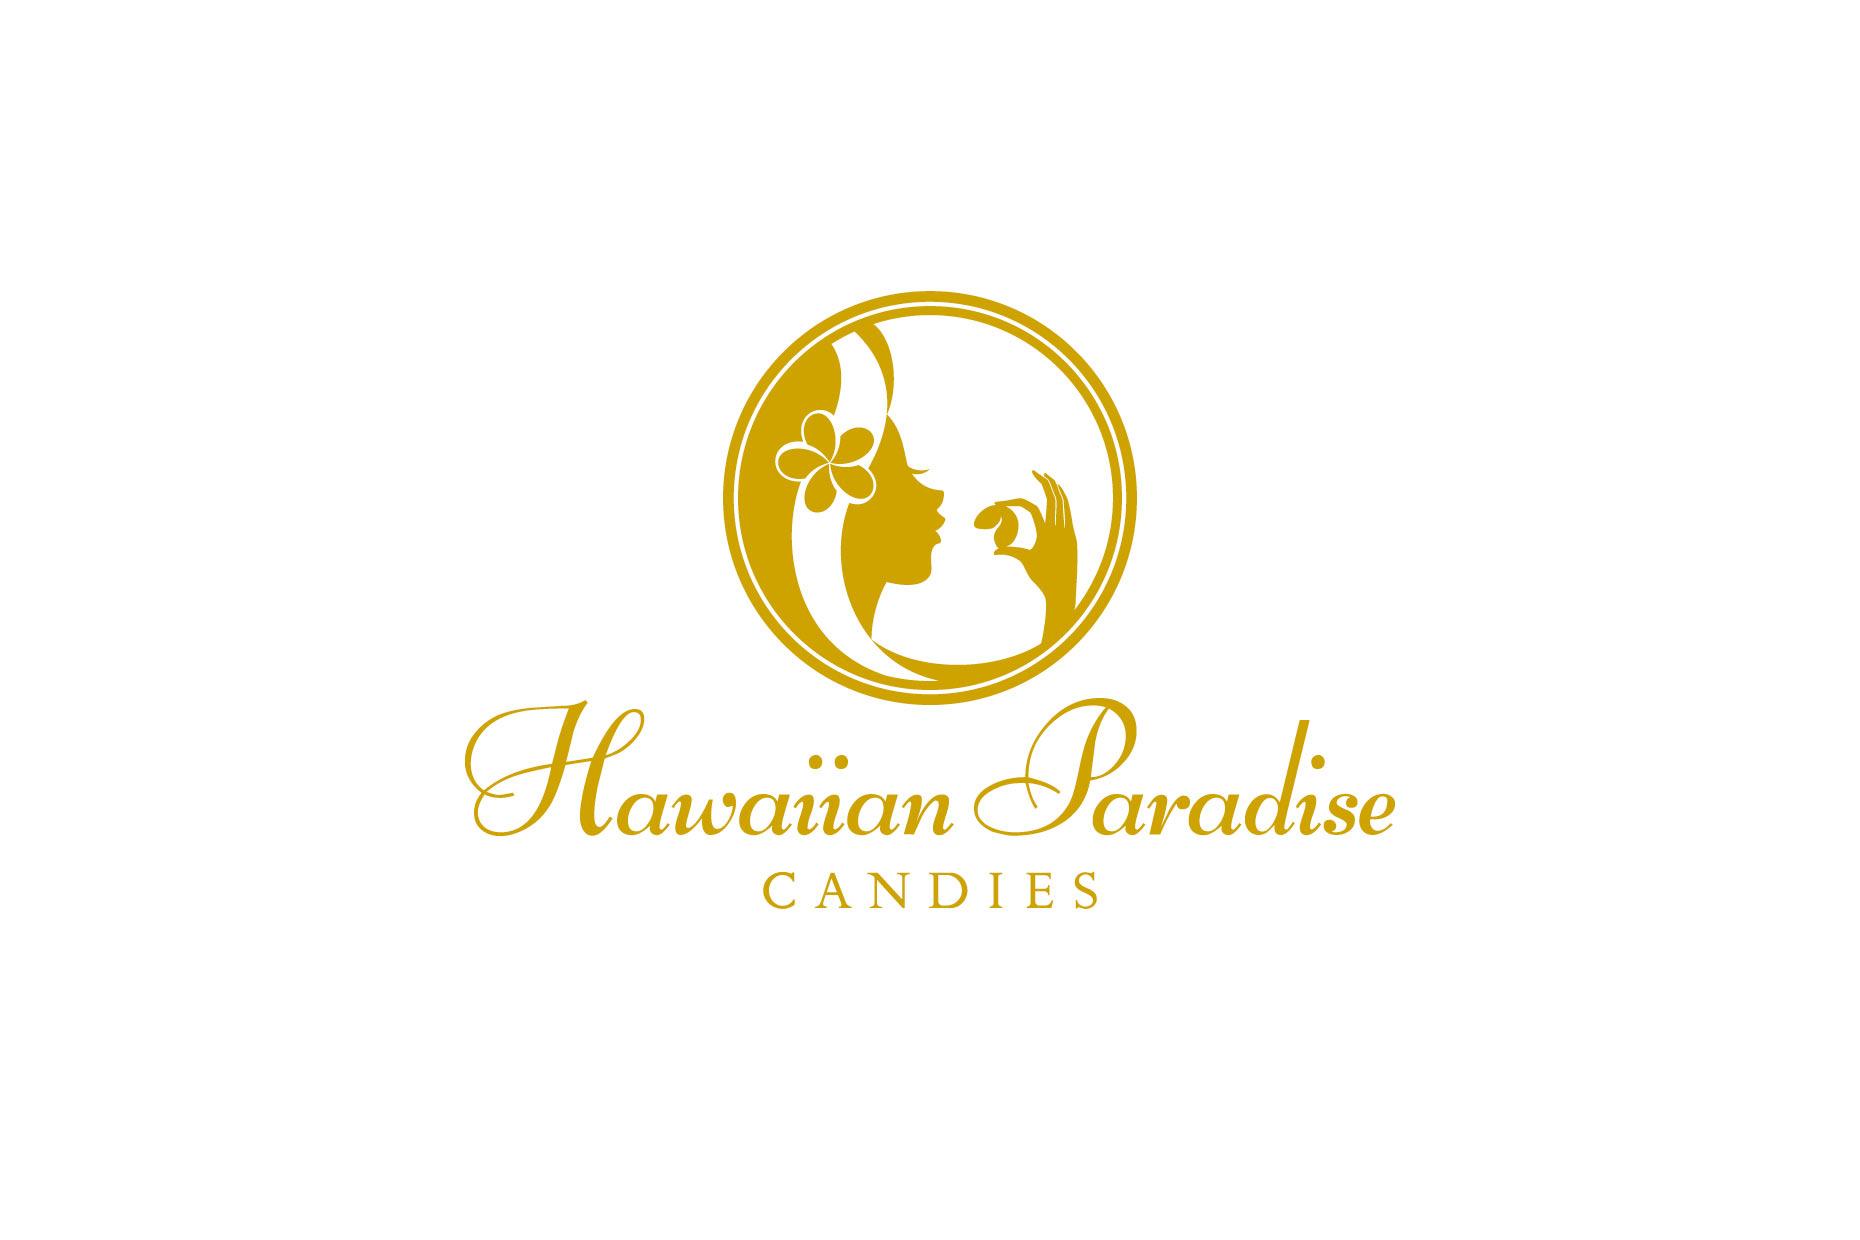 ハワイアン・パラダイス・キャンディーズ ロゴ